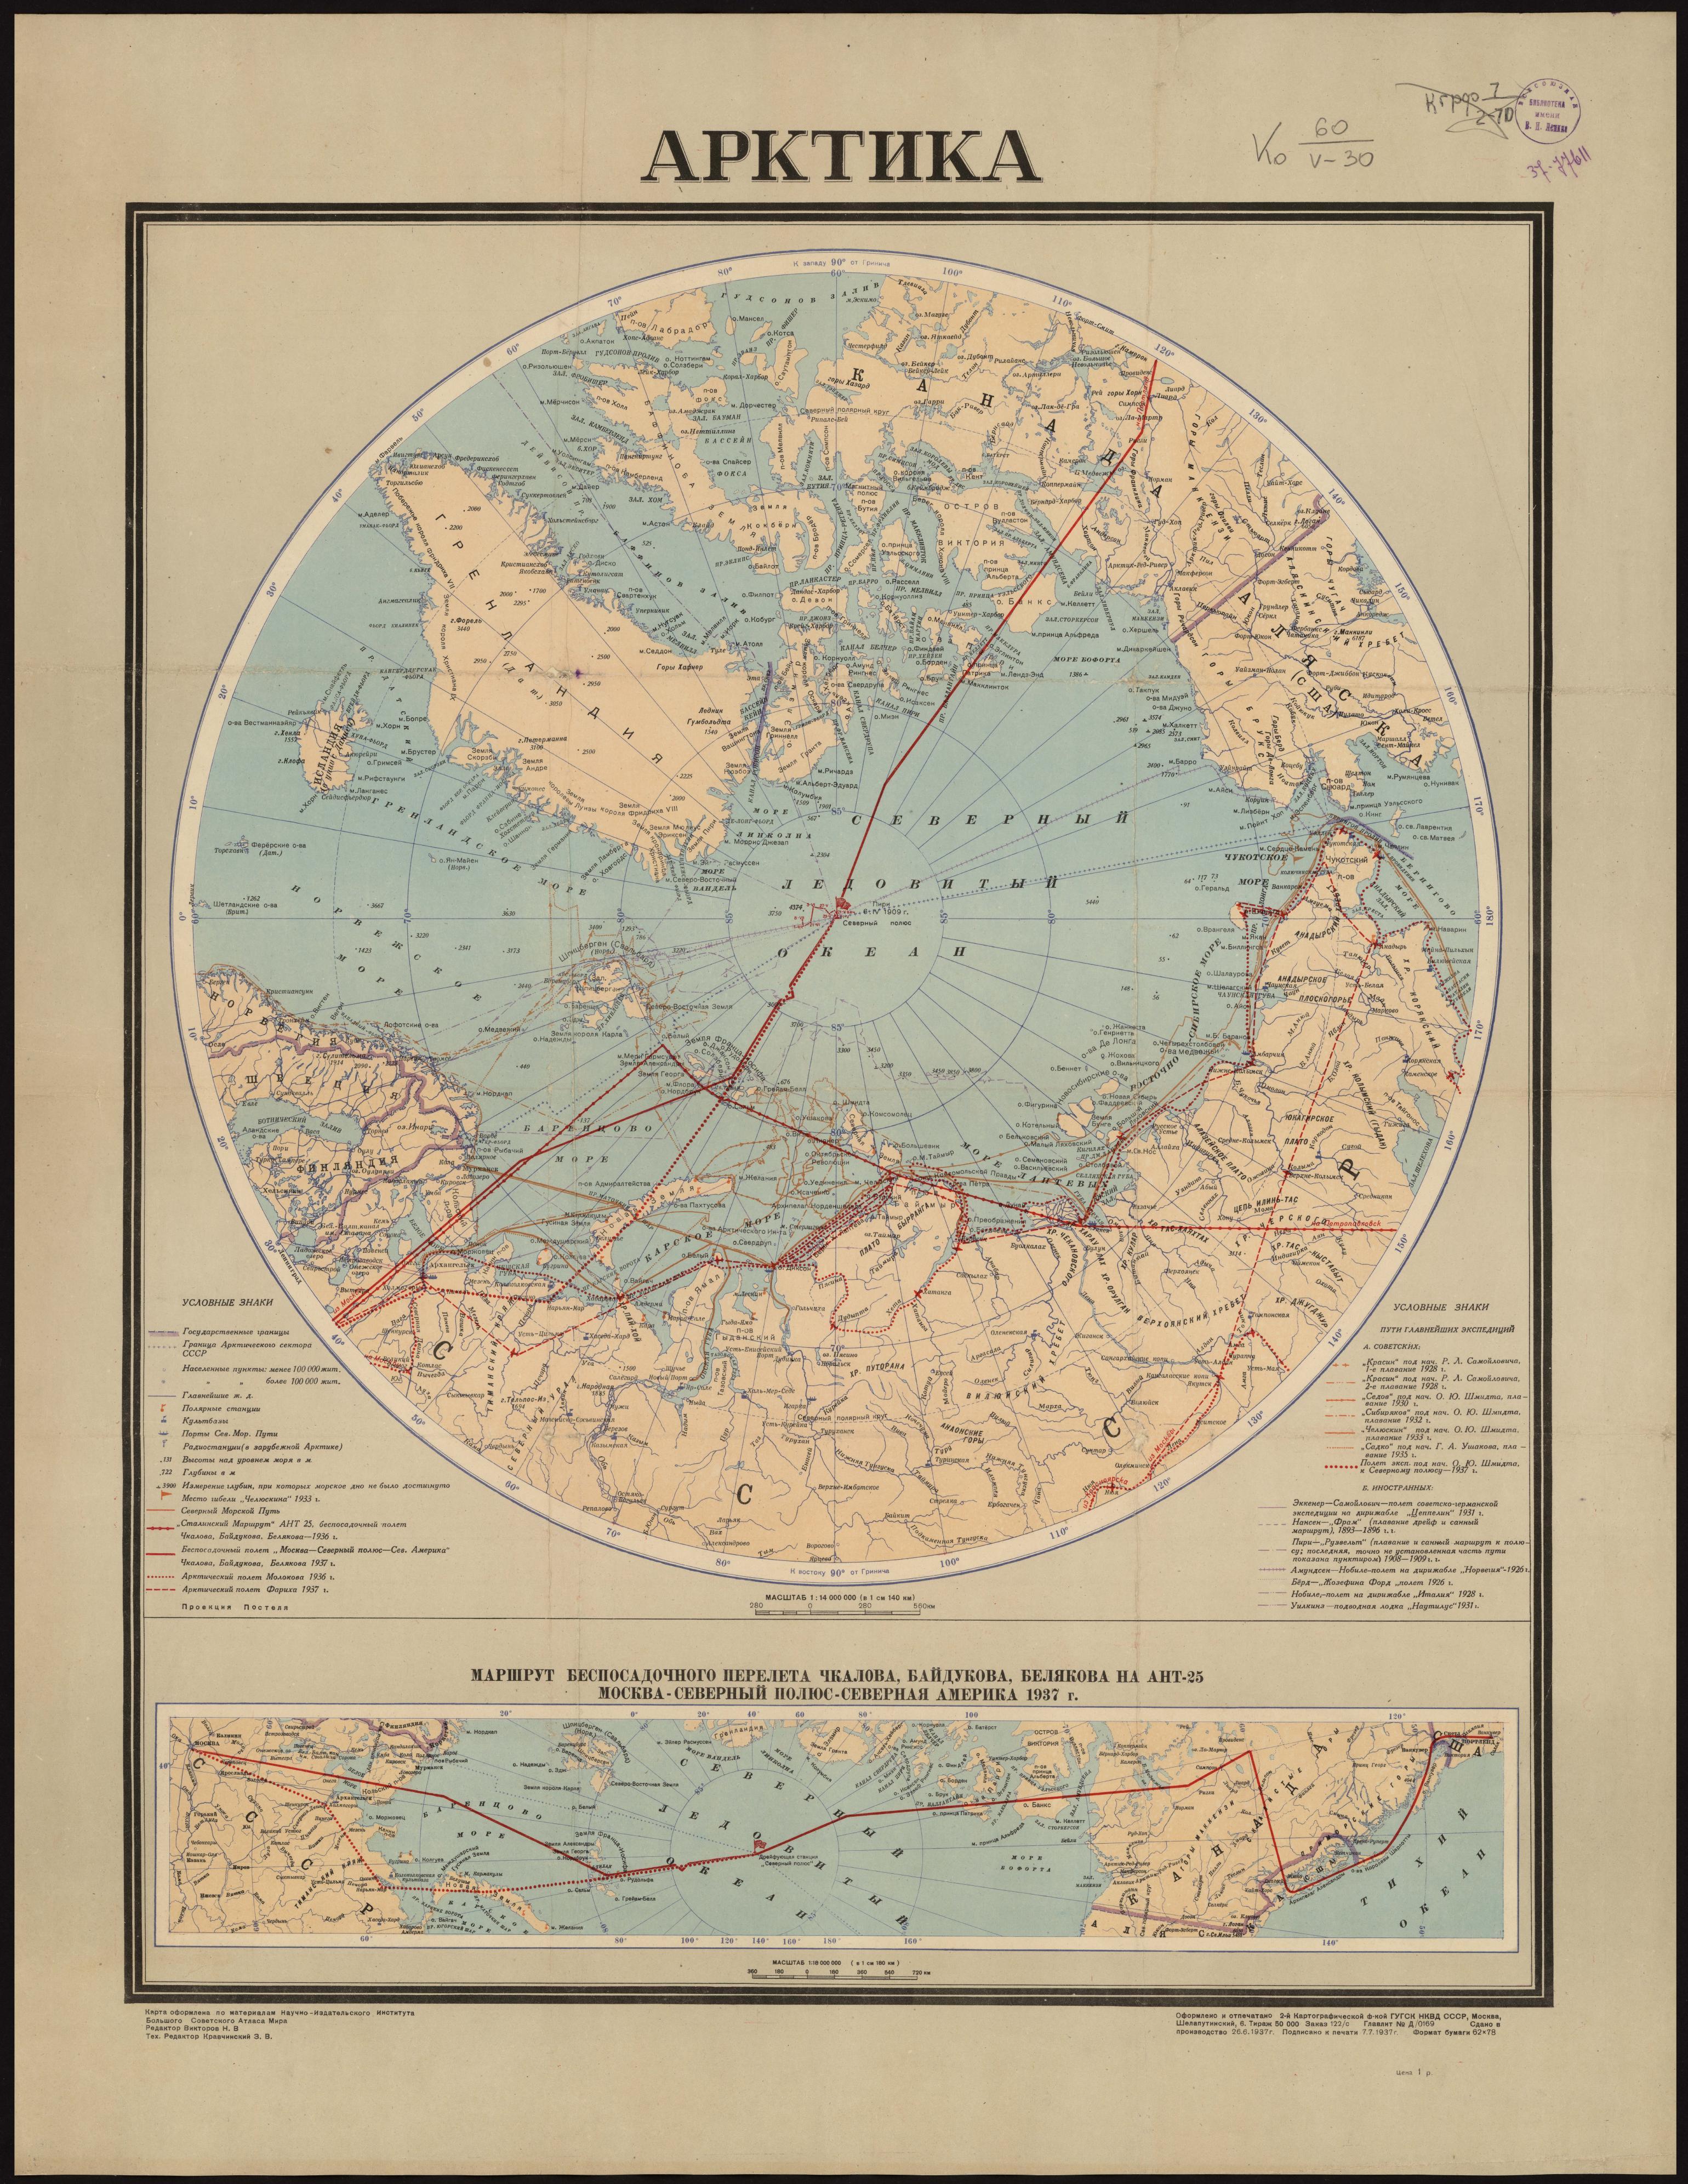 1937. Арктика. оформл. по материалам НИИ БСАМ; ред. Викторов Н. В.